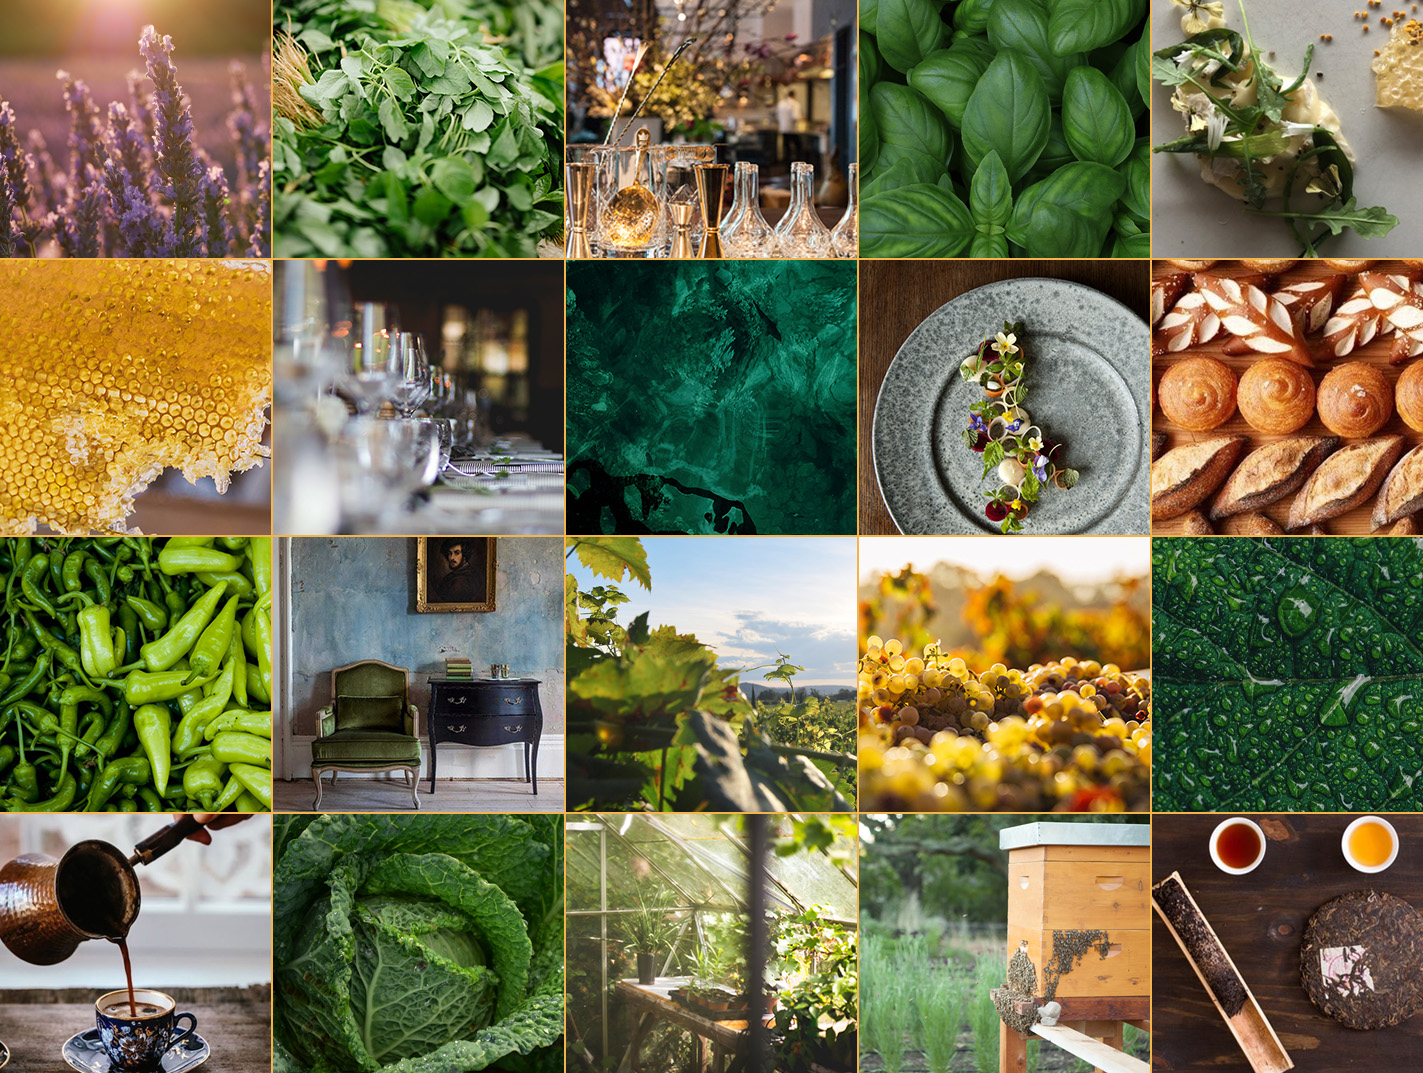 herbfarm_images.jpg